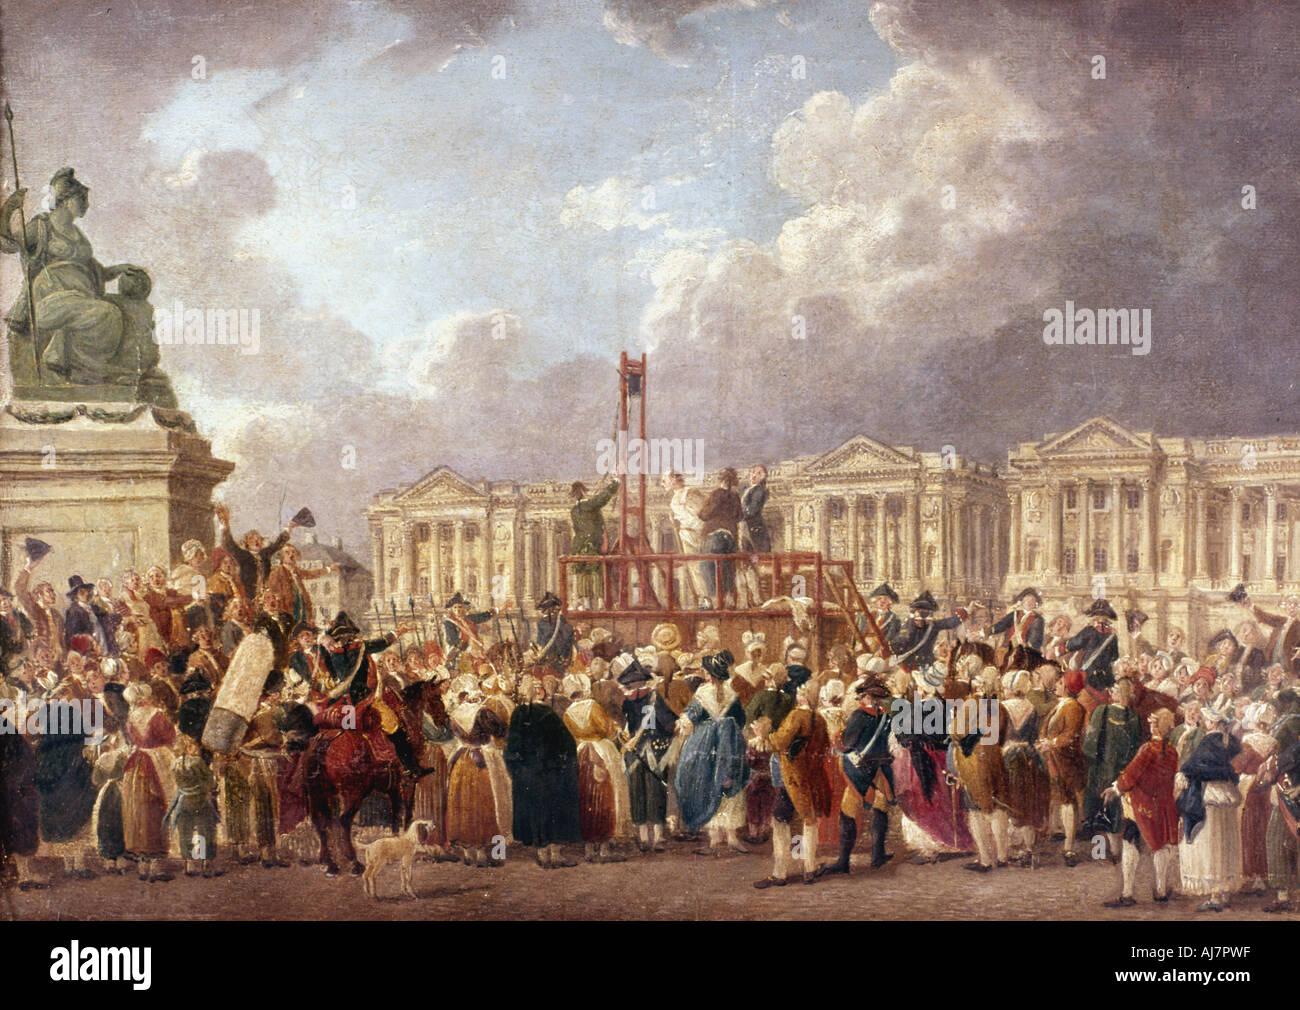 Esecuzione mediante ghigliottina a Parigi durante la Rivoluzione Francese, 1790s (1793-1807). Artista: Pierre Antoine de Machy Immagini Stock